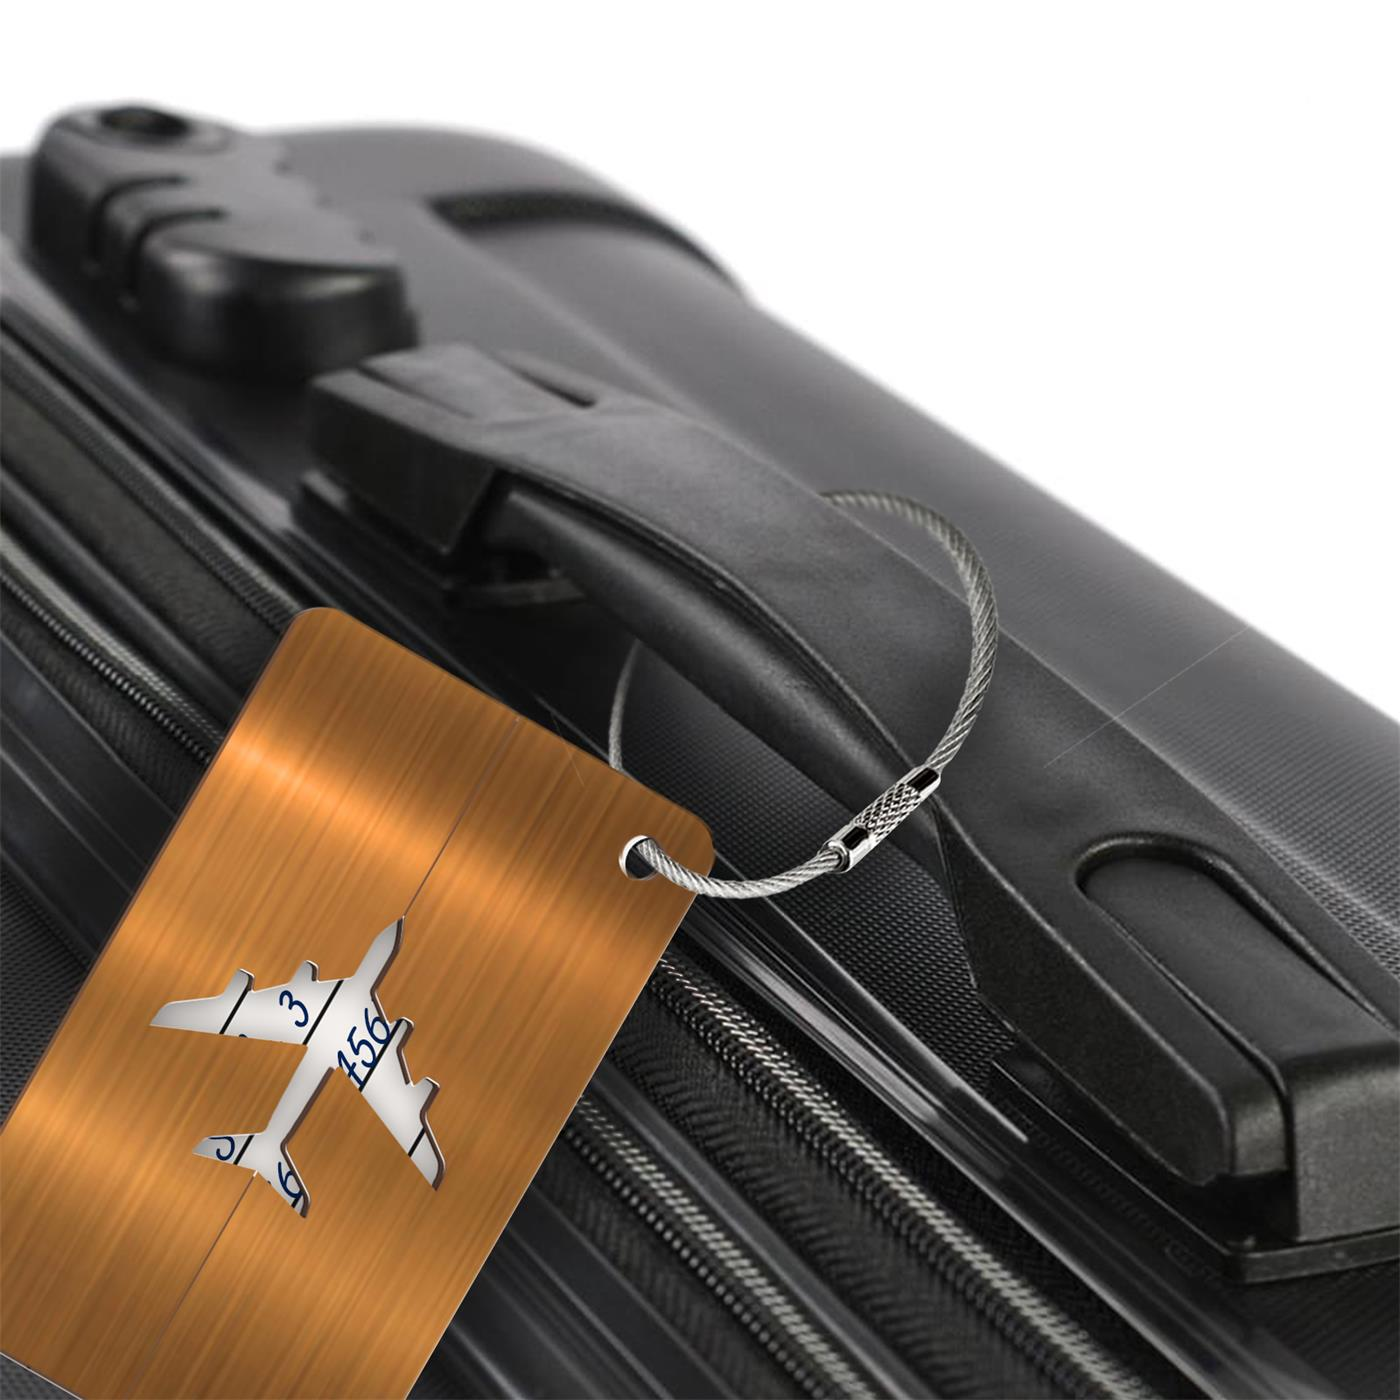 Reise-Kofferanhaenger-Namensschild-Gepaeck-Anhaenger-Schild-Urlaub-Flugzeug-Trolley Indexbild 12